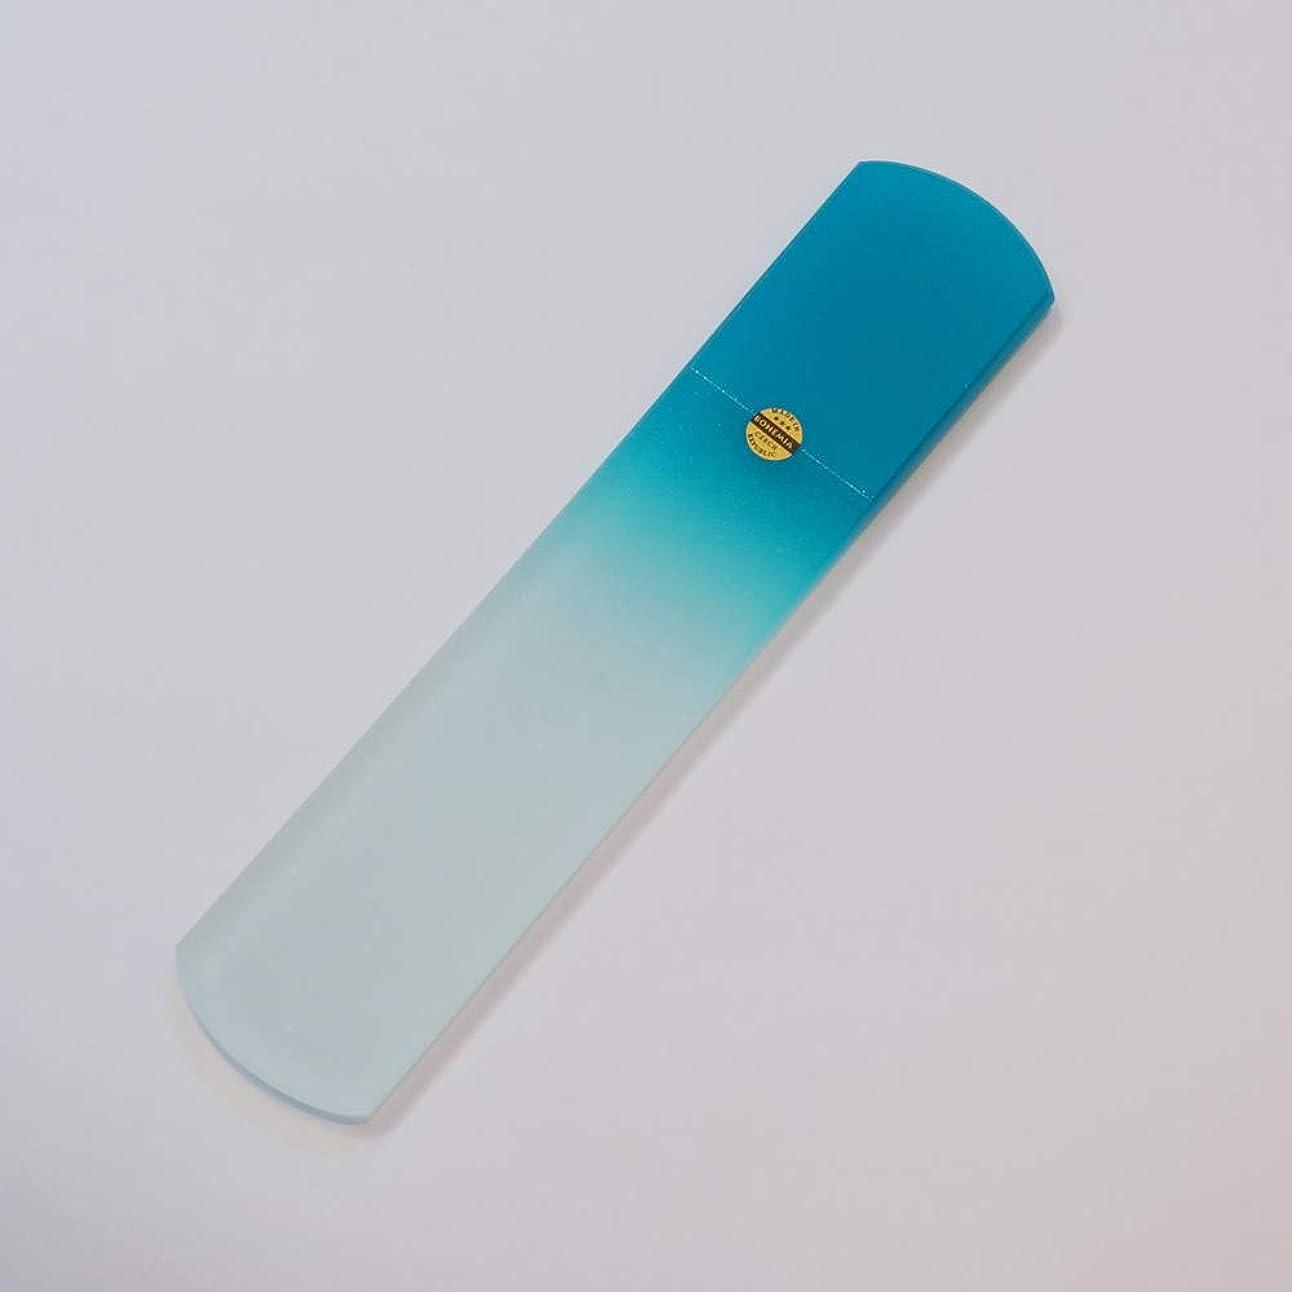 住人窓を洗う画家【チェコ製】 ガラスのフットケアファイル かかと やすり 粗/細 両面タイプ パステルブルー